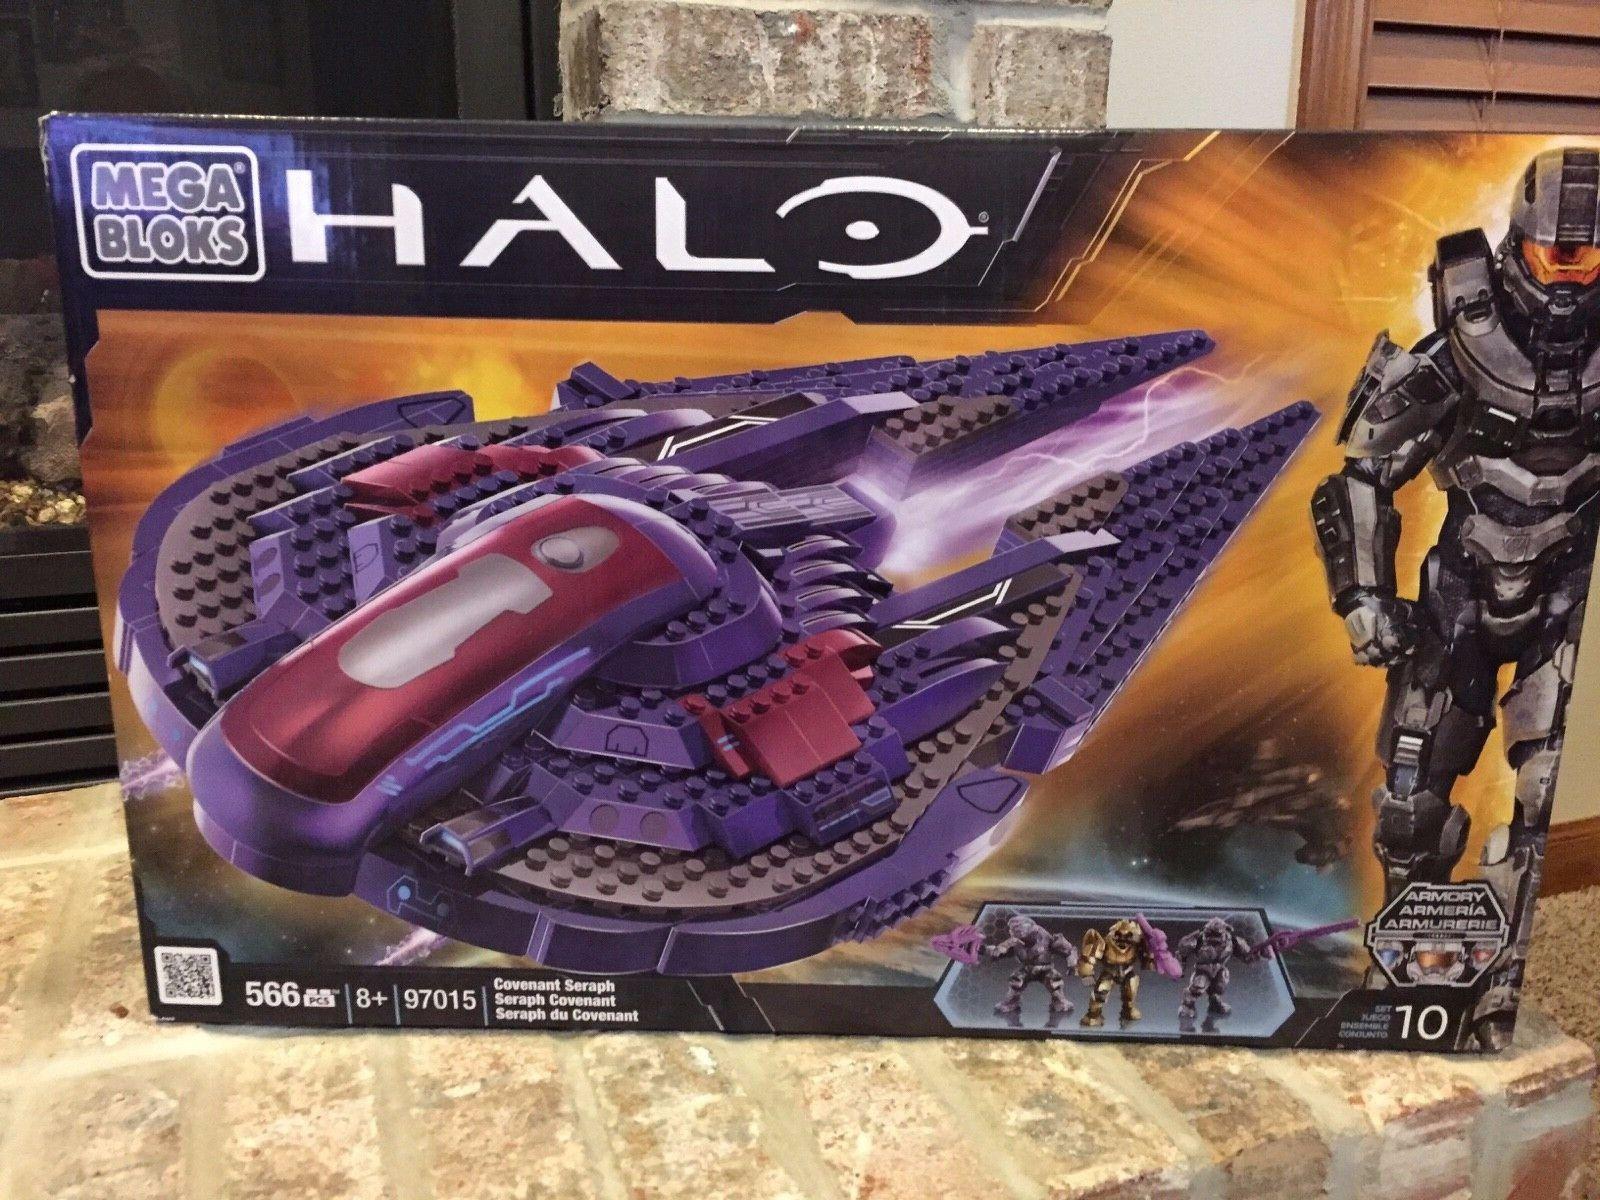 2012 2012 2012 Mega Bloks Halo 97015 Covenant Seraph 566 PCS.  producto de calidad